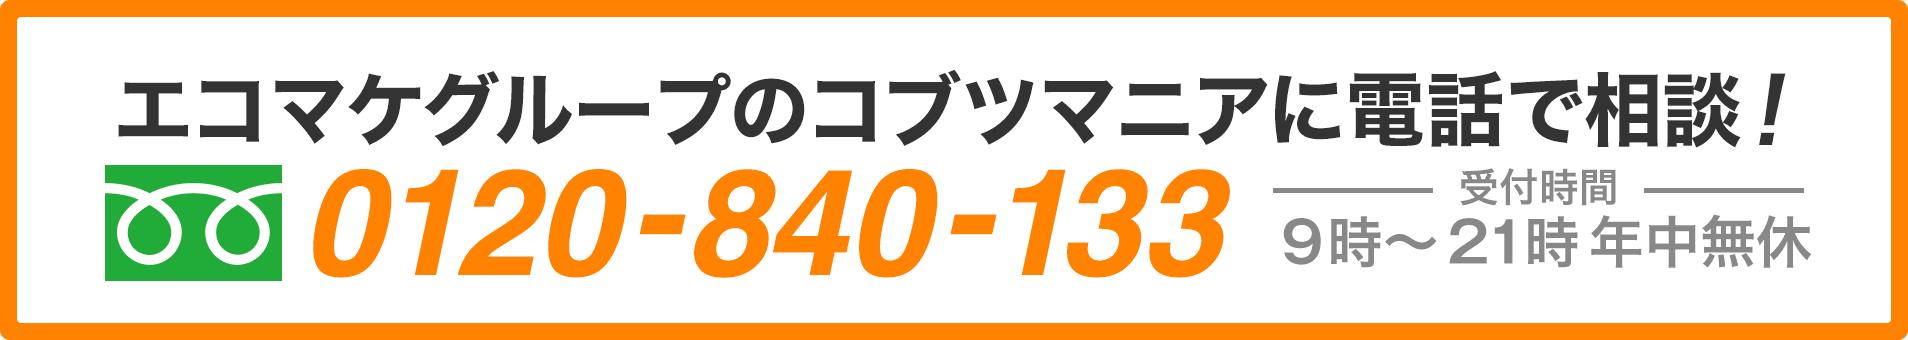 エコマケグループのコブツマニアに電話で相談!フリーダイヤル0120-840-133 受付は年中無休9時〜21時